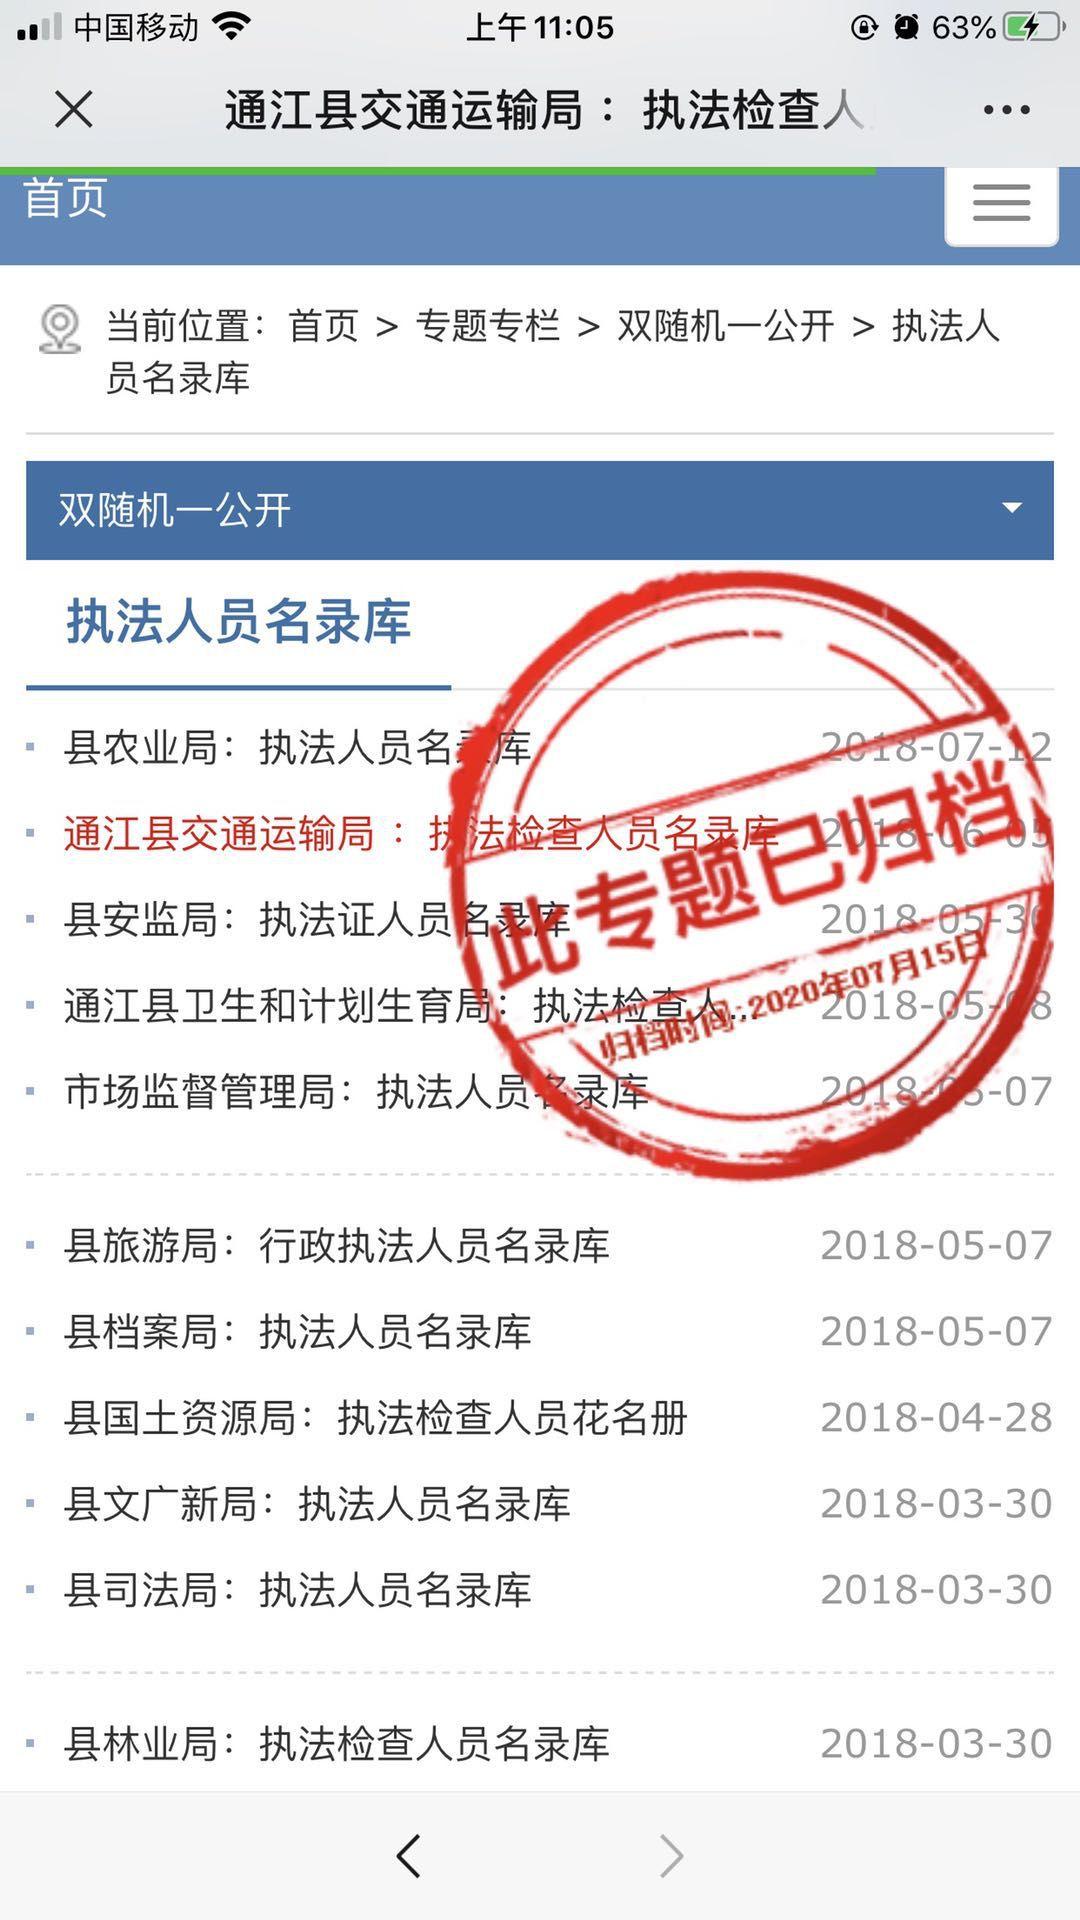 四川通江县政府网泄露上百名执法人员身份证信息 目前已删除